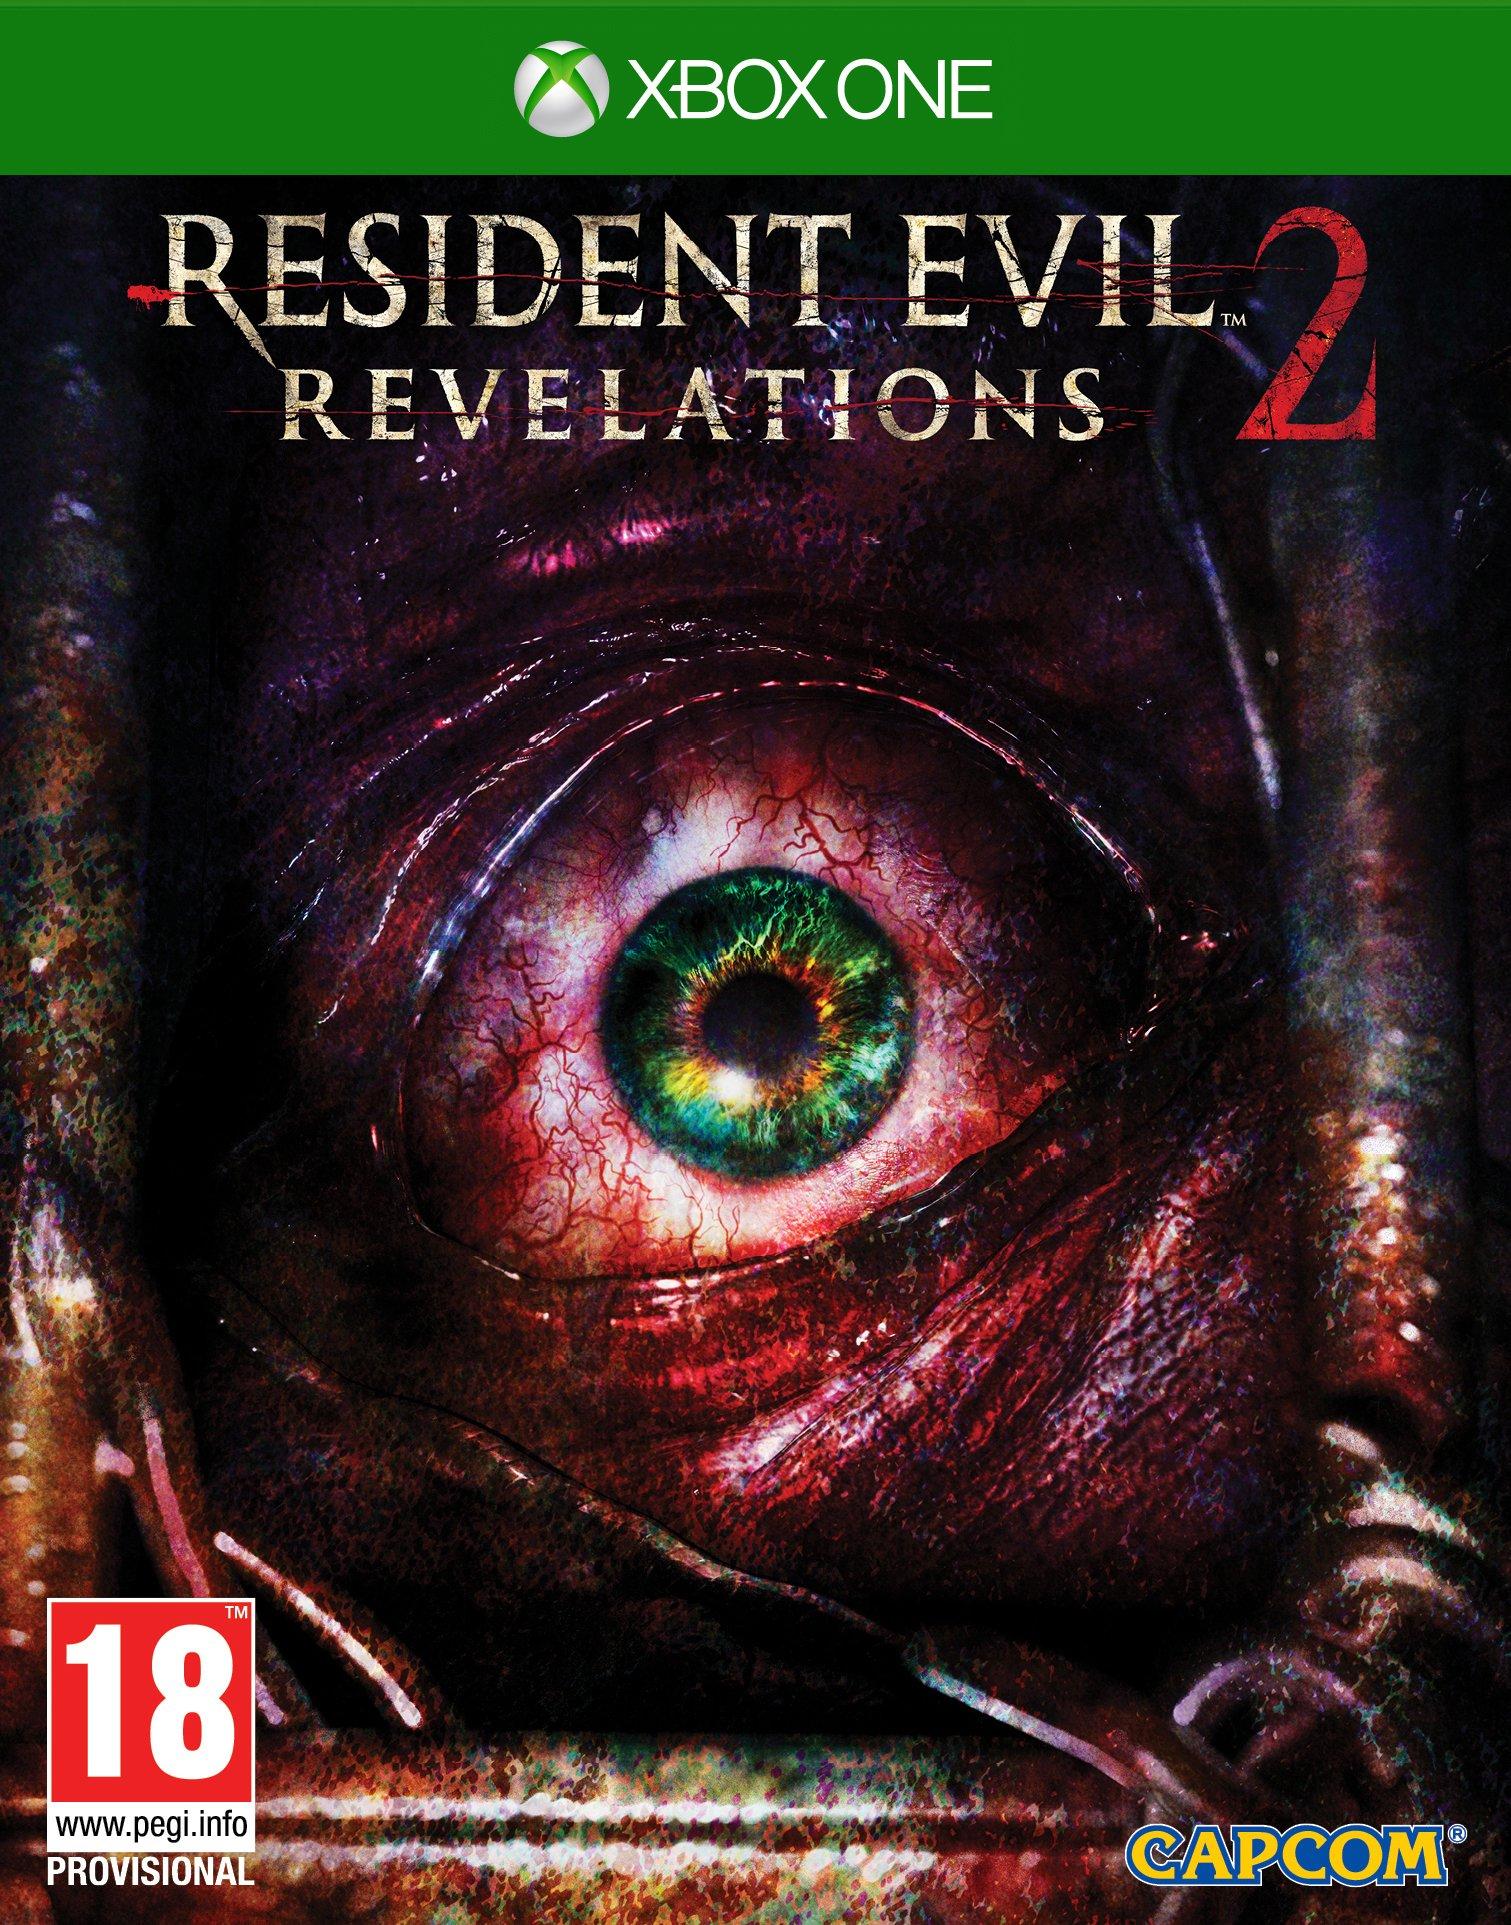 Resident Evil - Revelations 2 - Xbox - One Game.